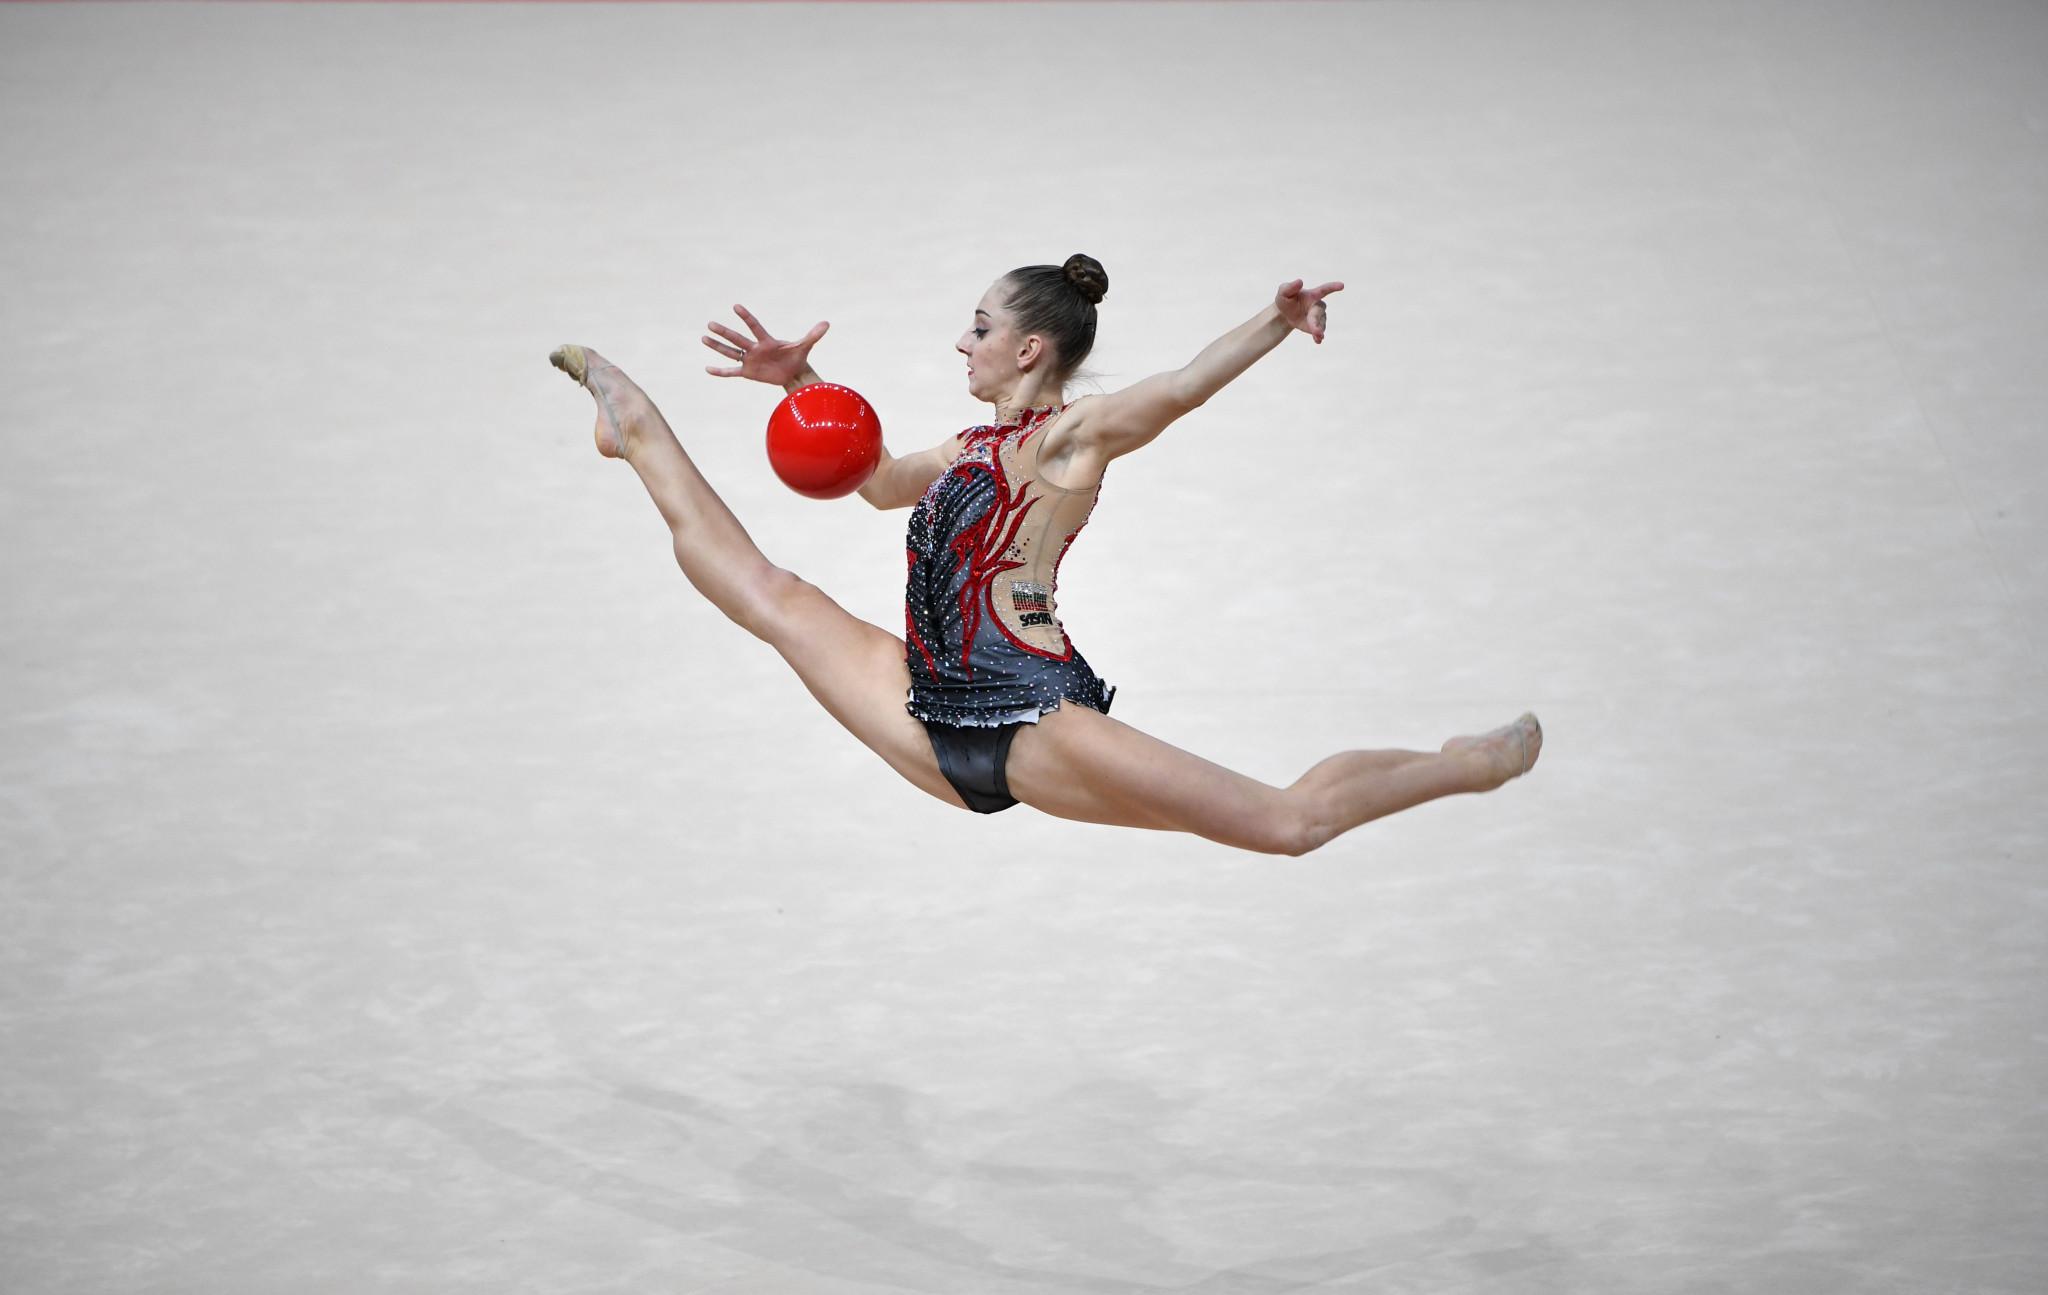 Kaleyn and Ashram impress at FIG Rhythmic Gymnastics World Cup in Sofia